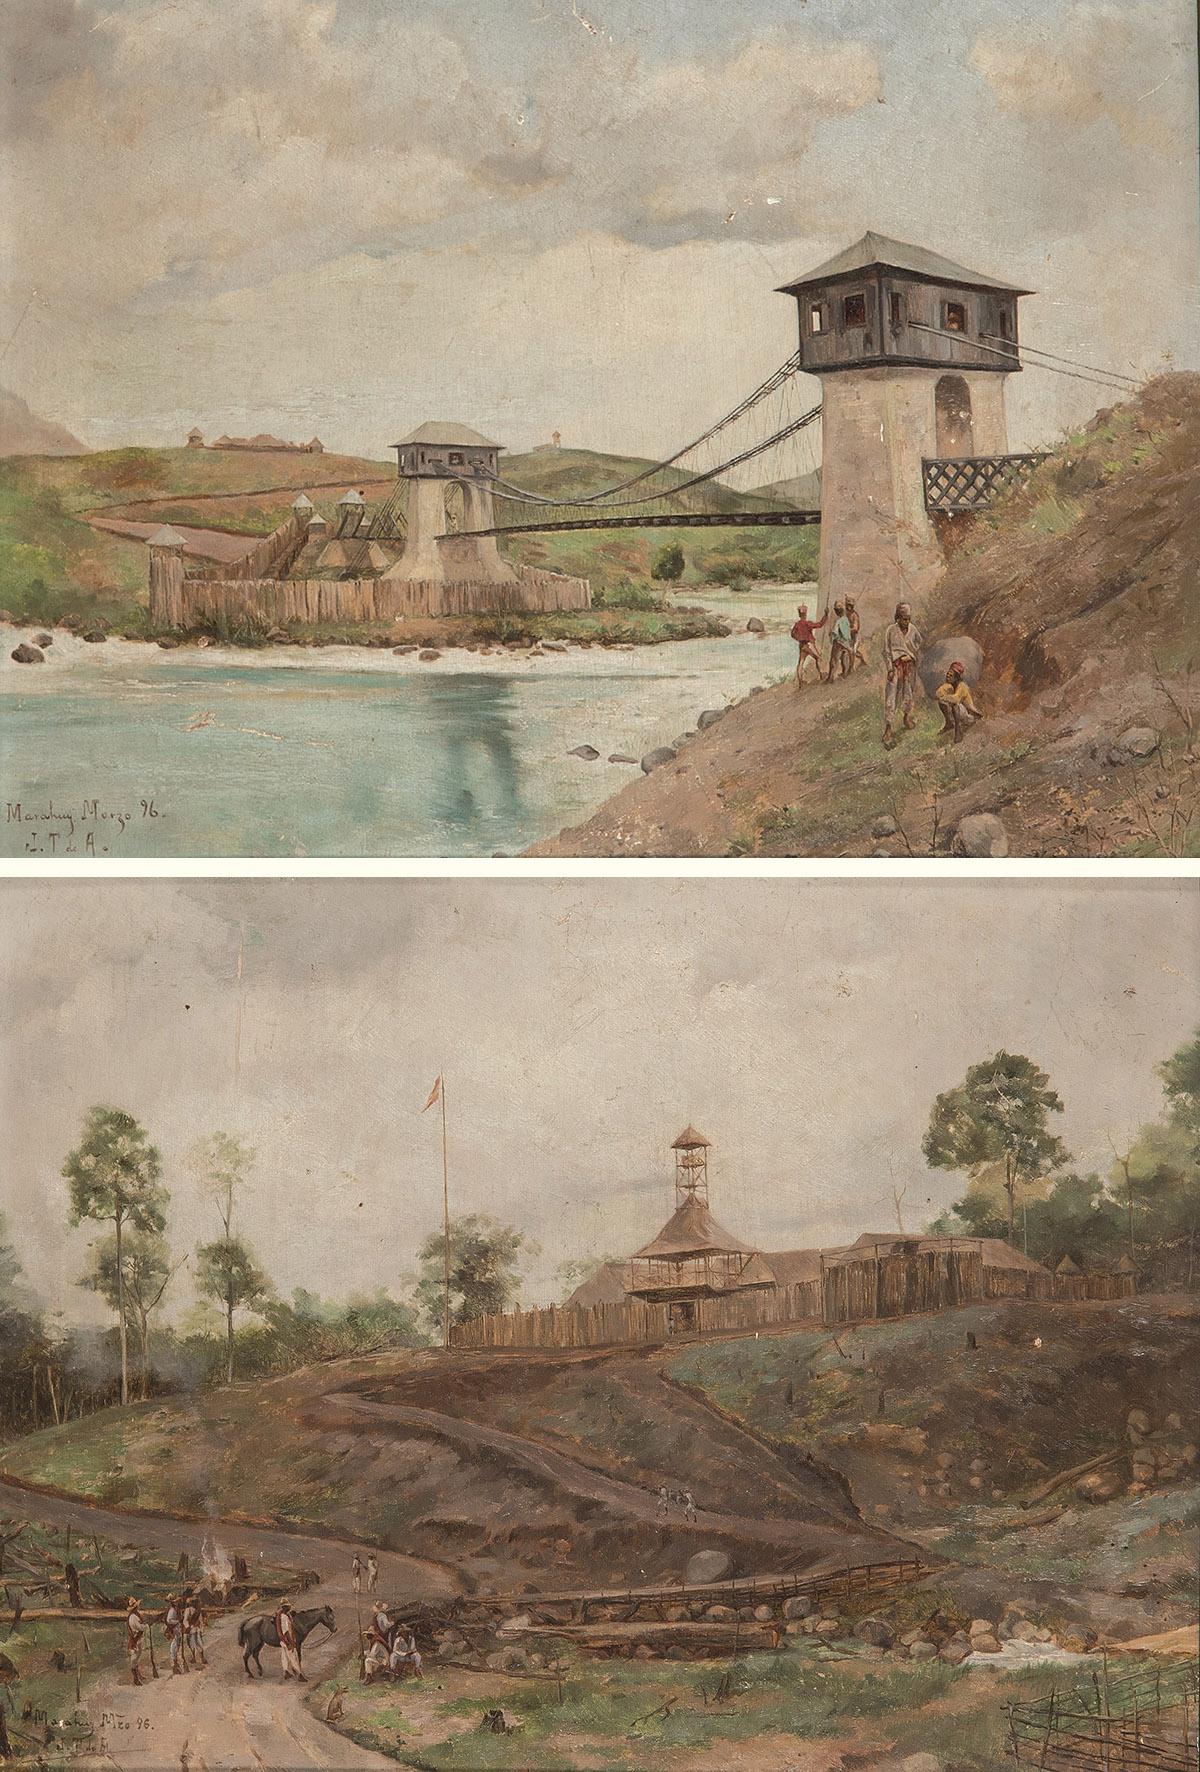 jose-taviel-de-andrade-vista-del-puente-alfonso-xiii-sobre-el-rio-agus-marawi-y-vista-del-fuerte-nuevo-de-marawi-1896